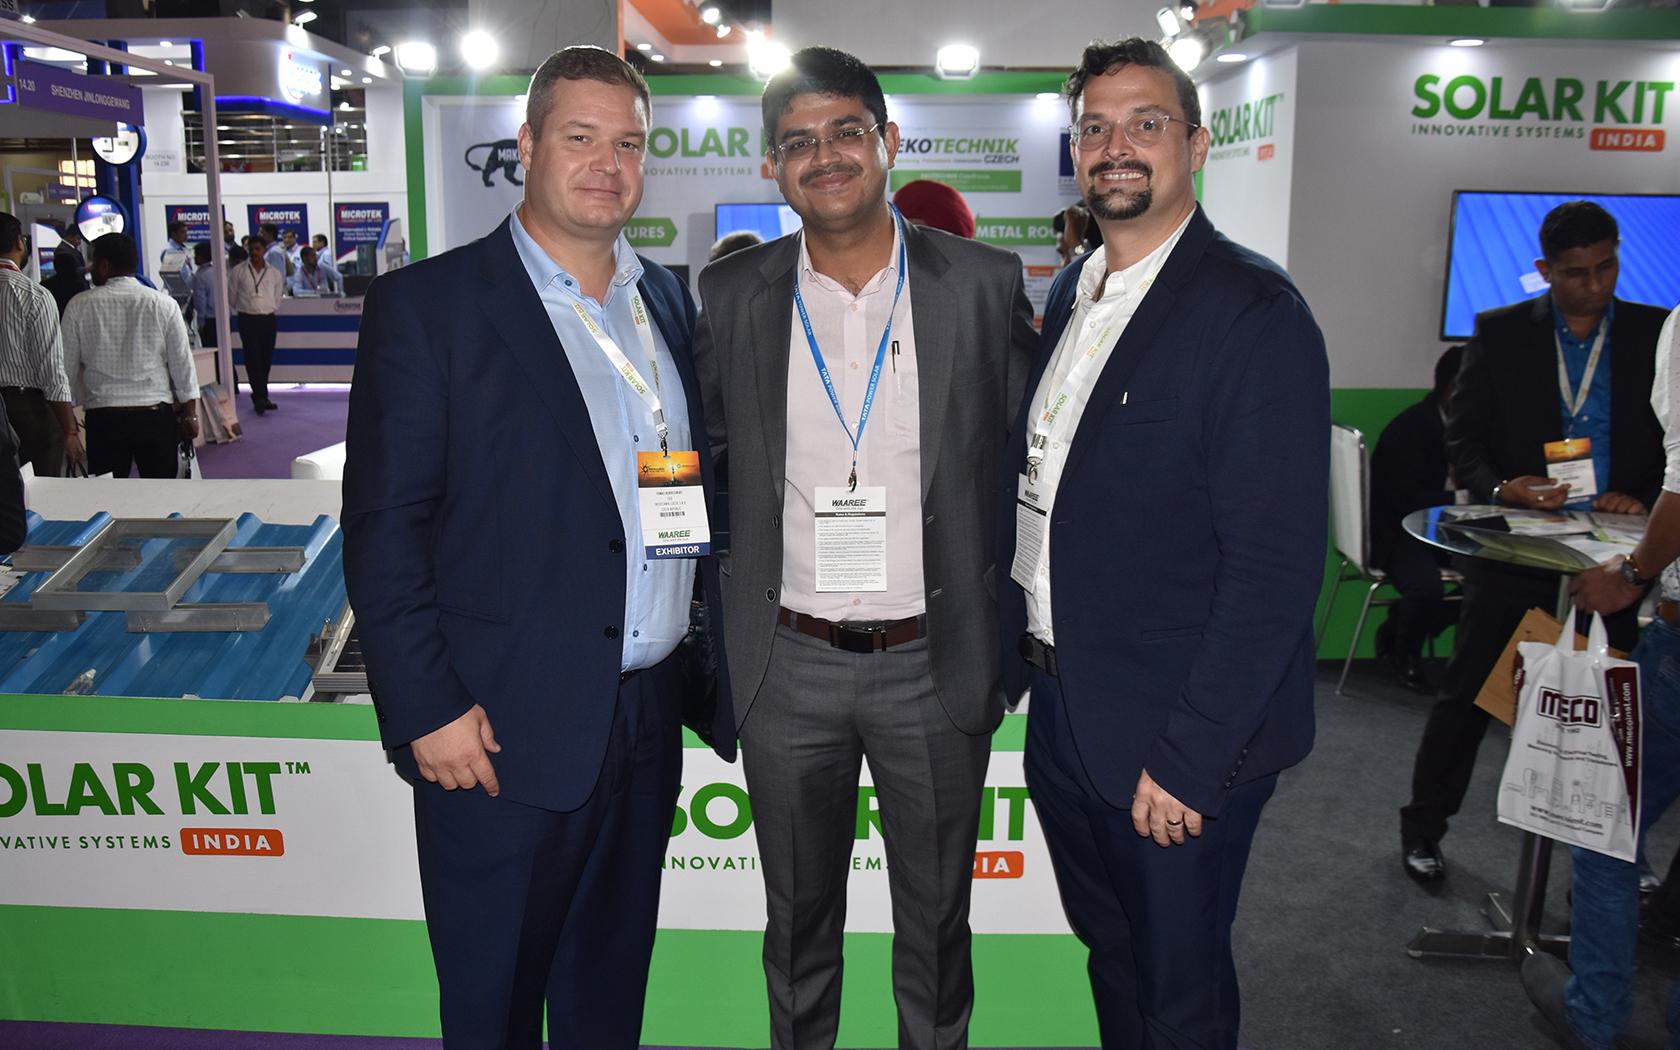 Solar Mounting Kit India 2019 Expo